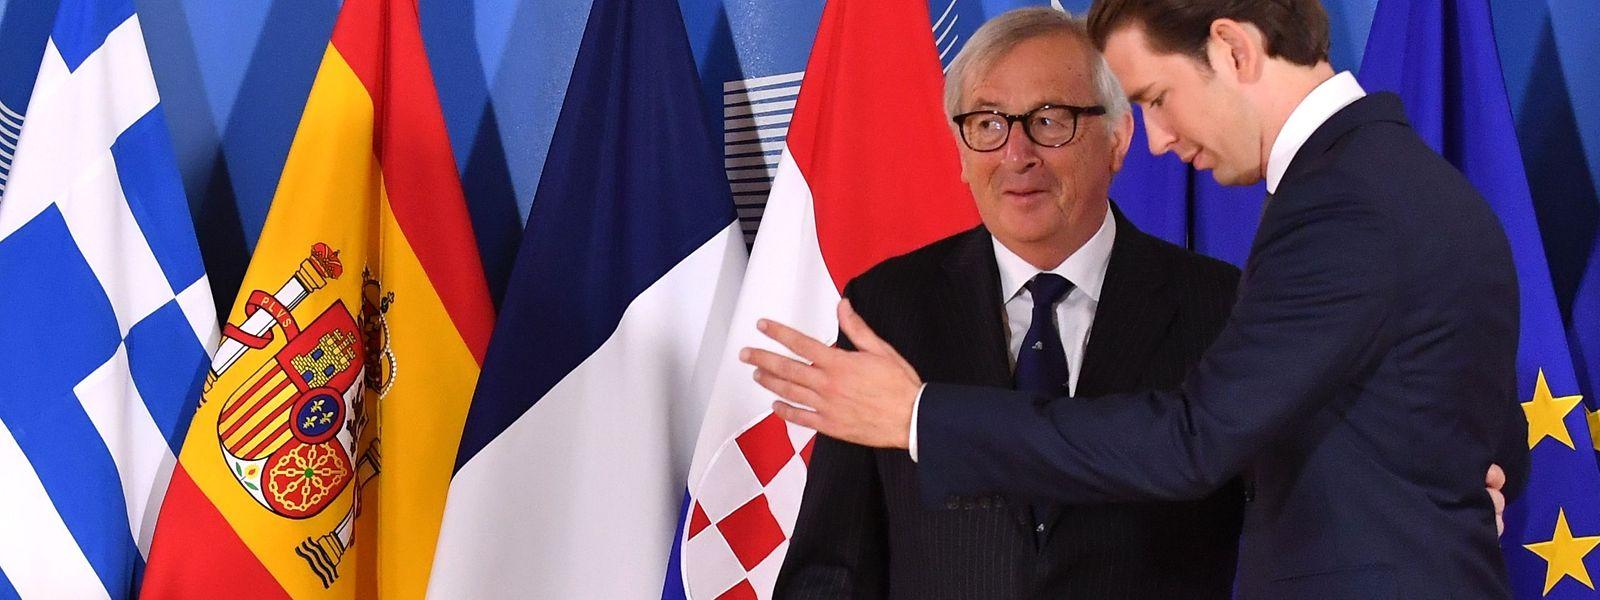 Ob der österreichische Kanzler Sebanstian Kurz Jean-Claude Juncker mit seinen Vorschlägen überzeugen konnte, ist fraglich.